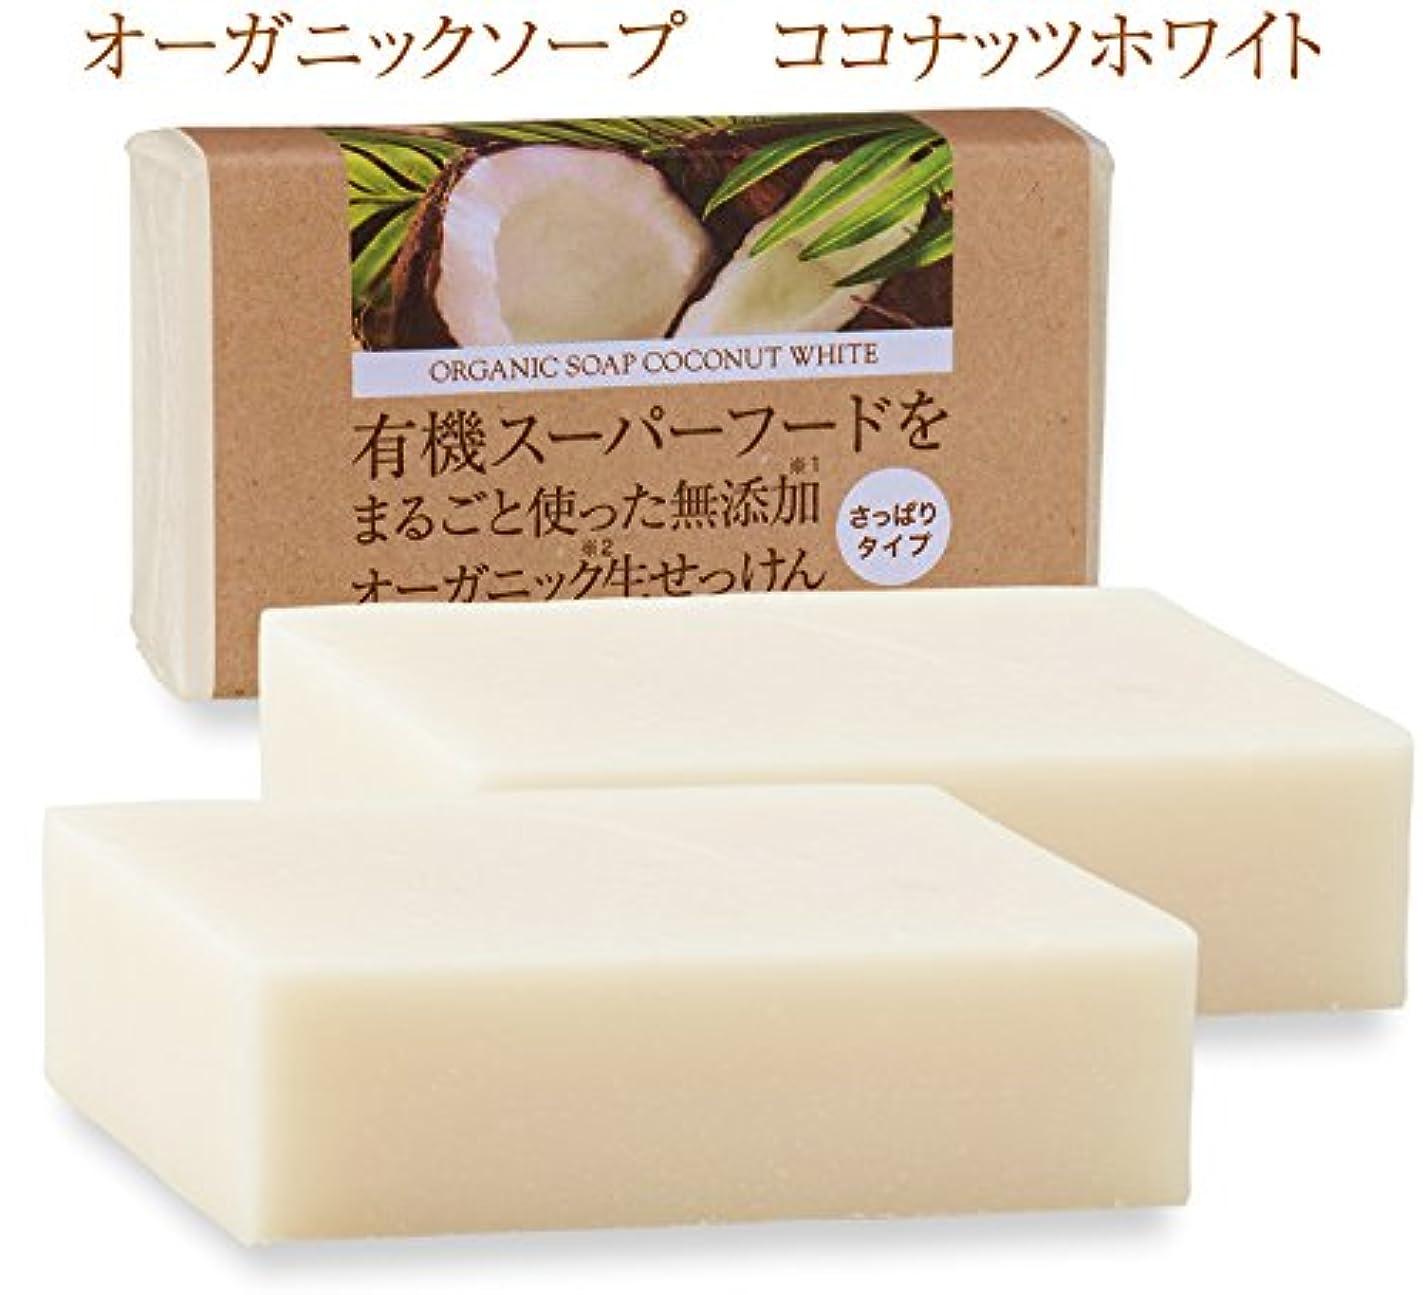 化学もう一度超高層ビル有機ココナッツオイルをまるごと使った無添加オーガニック生せっけん(枠練)Organic Raw Soap Coconut White 80g 2個 コールドプロセス製法 (日本製)